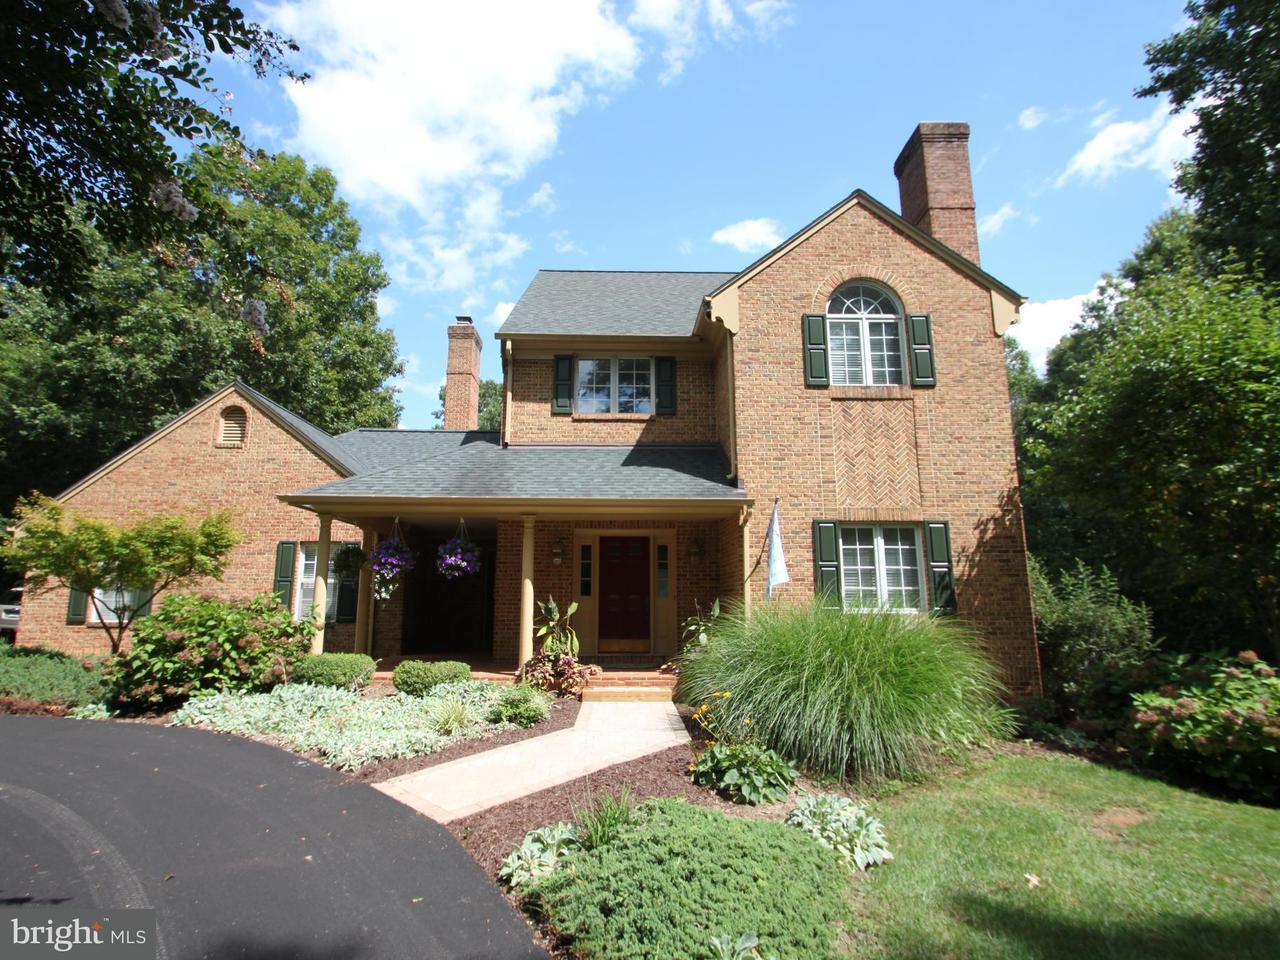 Casa Unifamiliar por un Venta en 15279 ALPHIN Lane 15279 ALPHIN Lane Culpeper, Virginia 22701 Estados Unidos